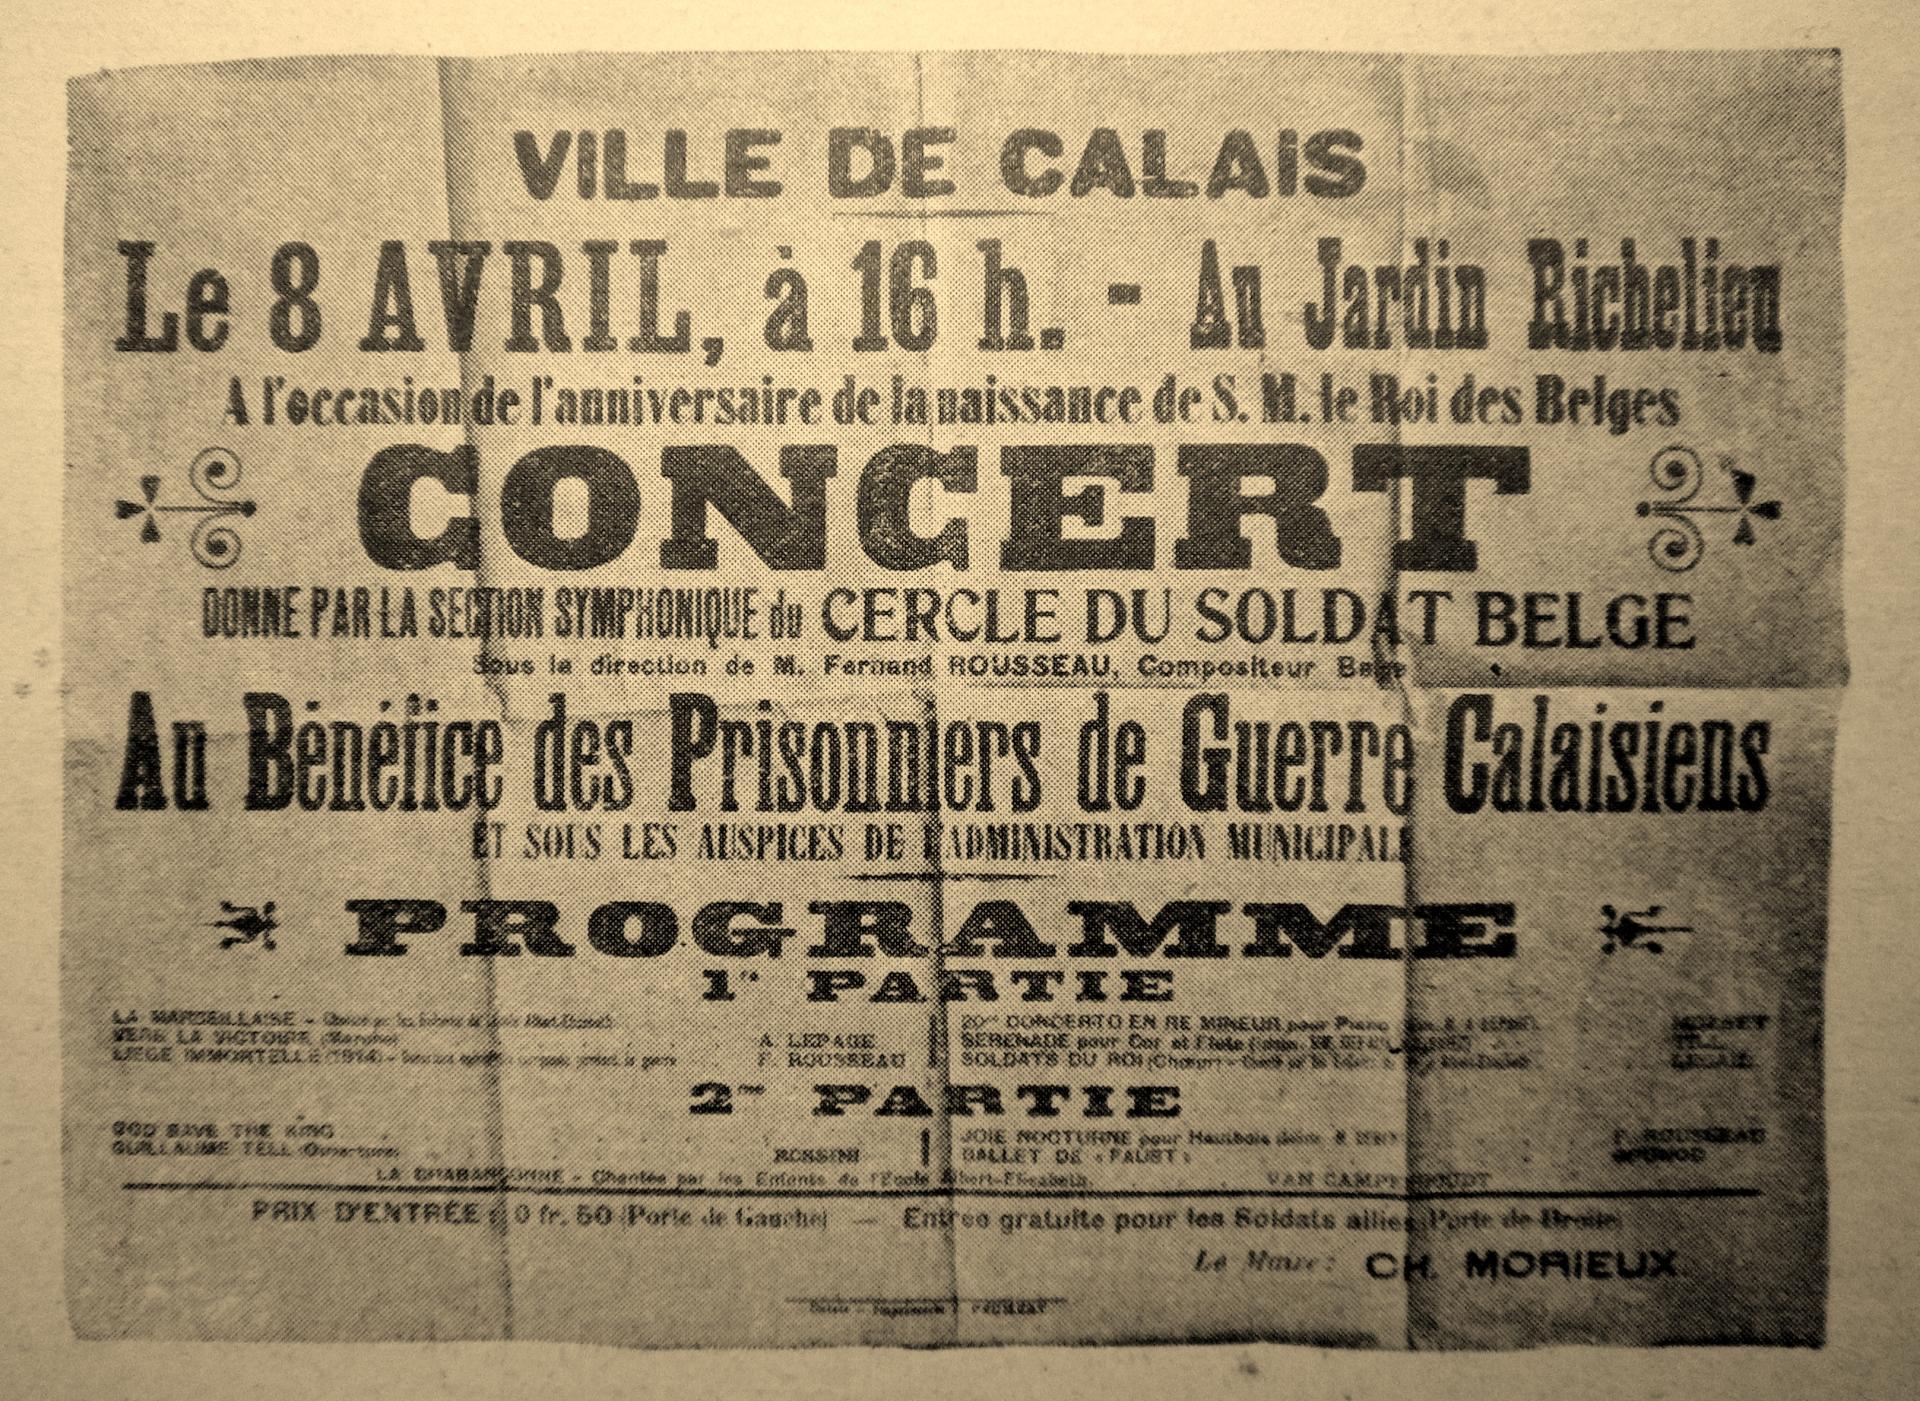 Calais 14 18 concert au benefice des prisonniers de guerre calaisiens